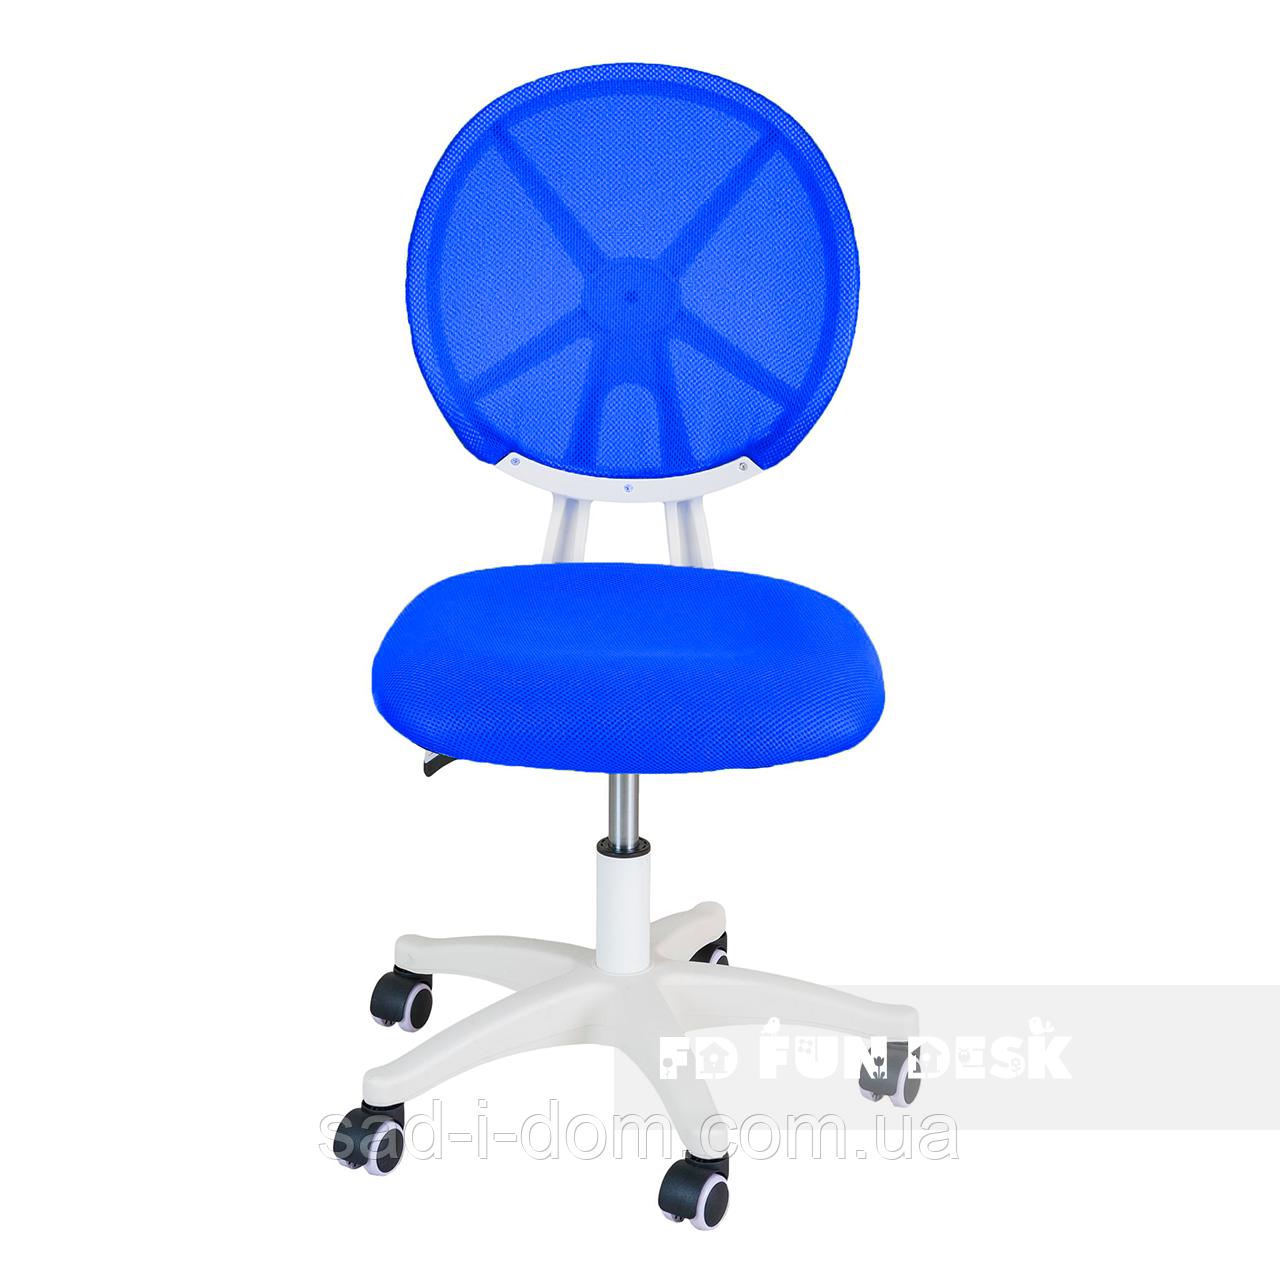 Детское компьютерное ортопедическое кресло FunDesk LST1, голубое